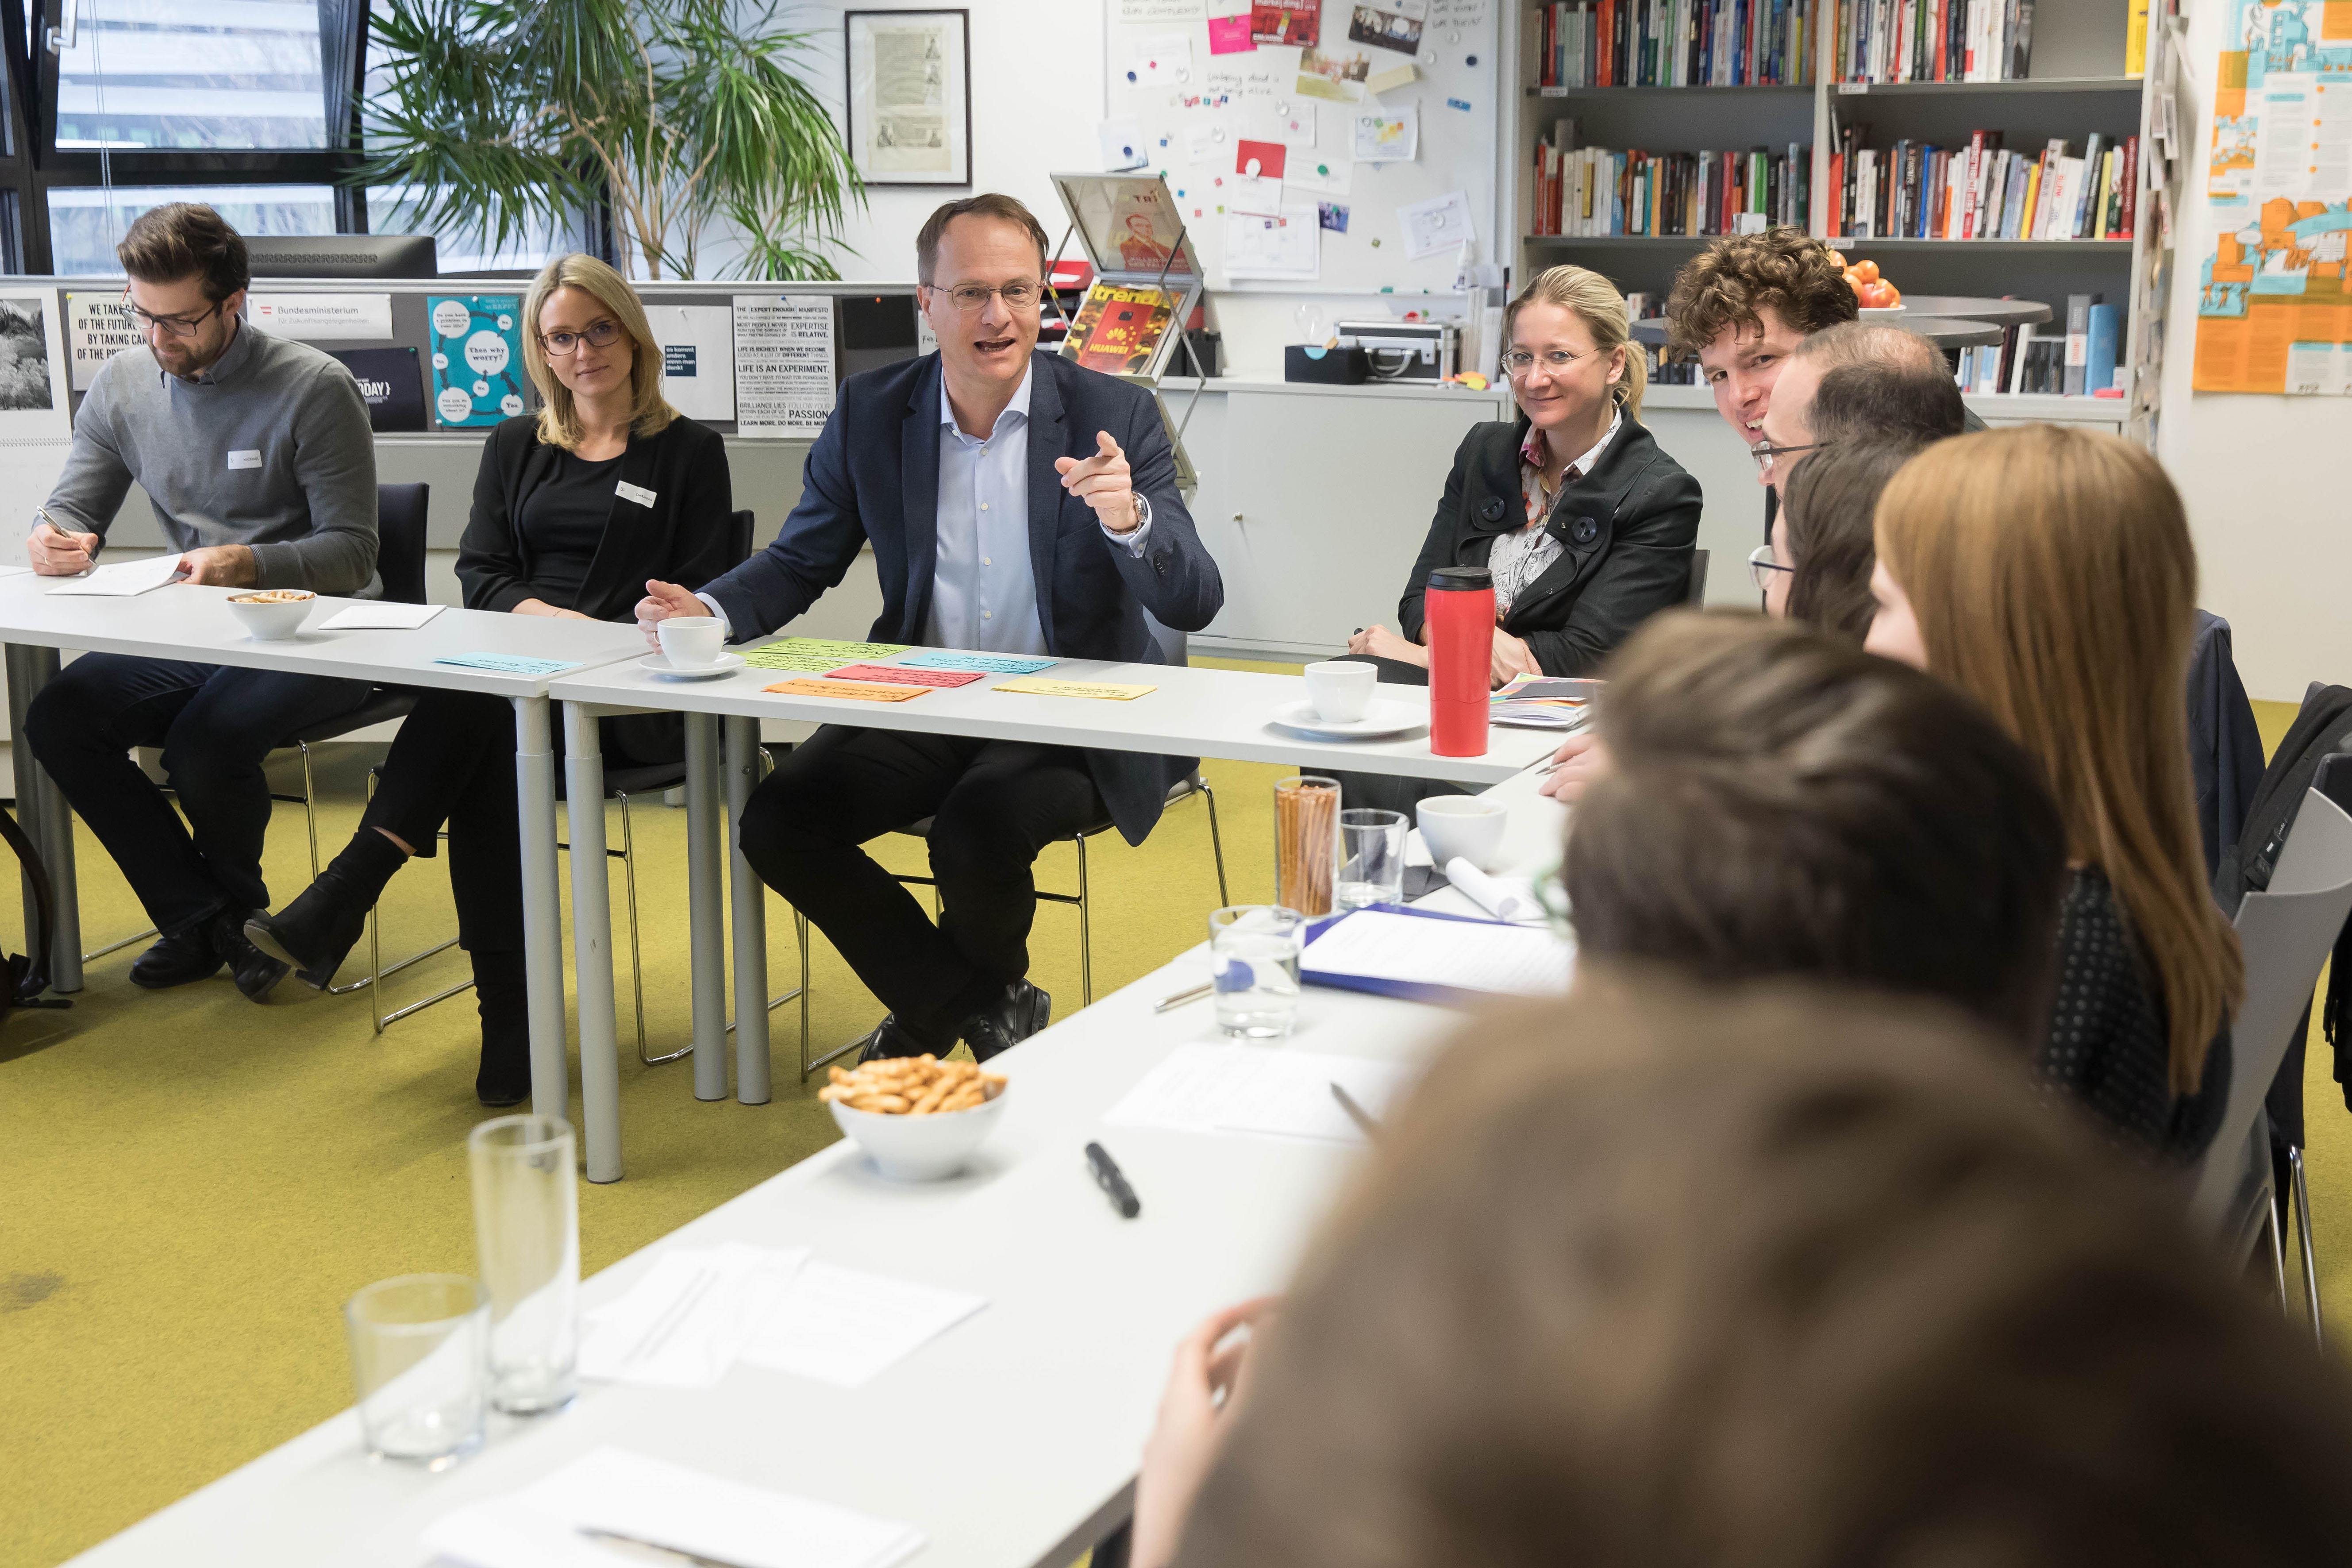 Foto 1: Studierende und Markus Hengstschläger bei den Diskussionen in der ACADEMIA SUPERIOR